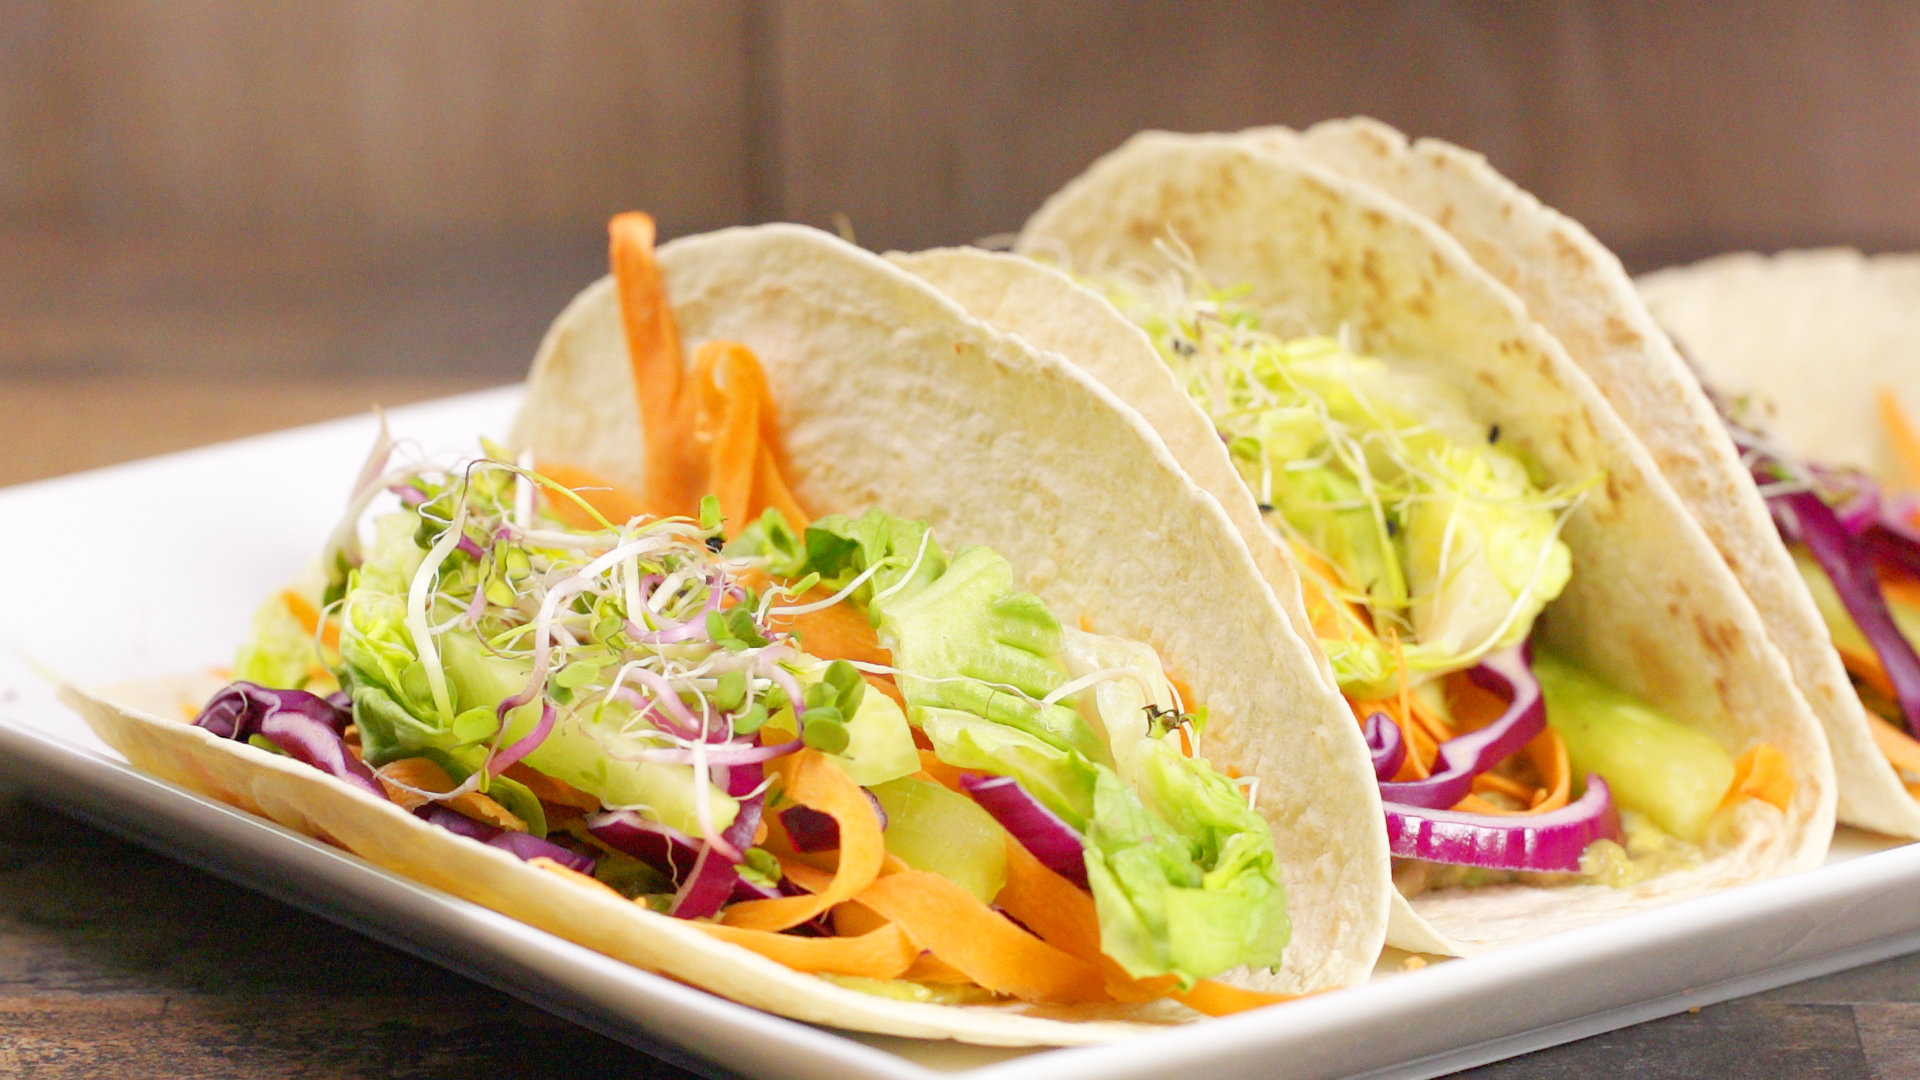 Perfekt für den Frühling: Vegetarische Tacos mit knackiger Gemüsefüllung